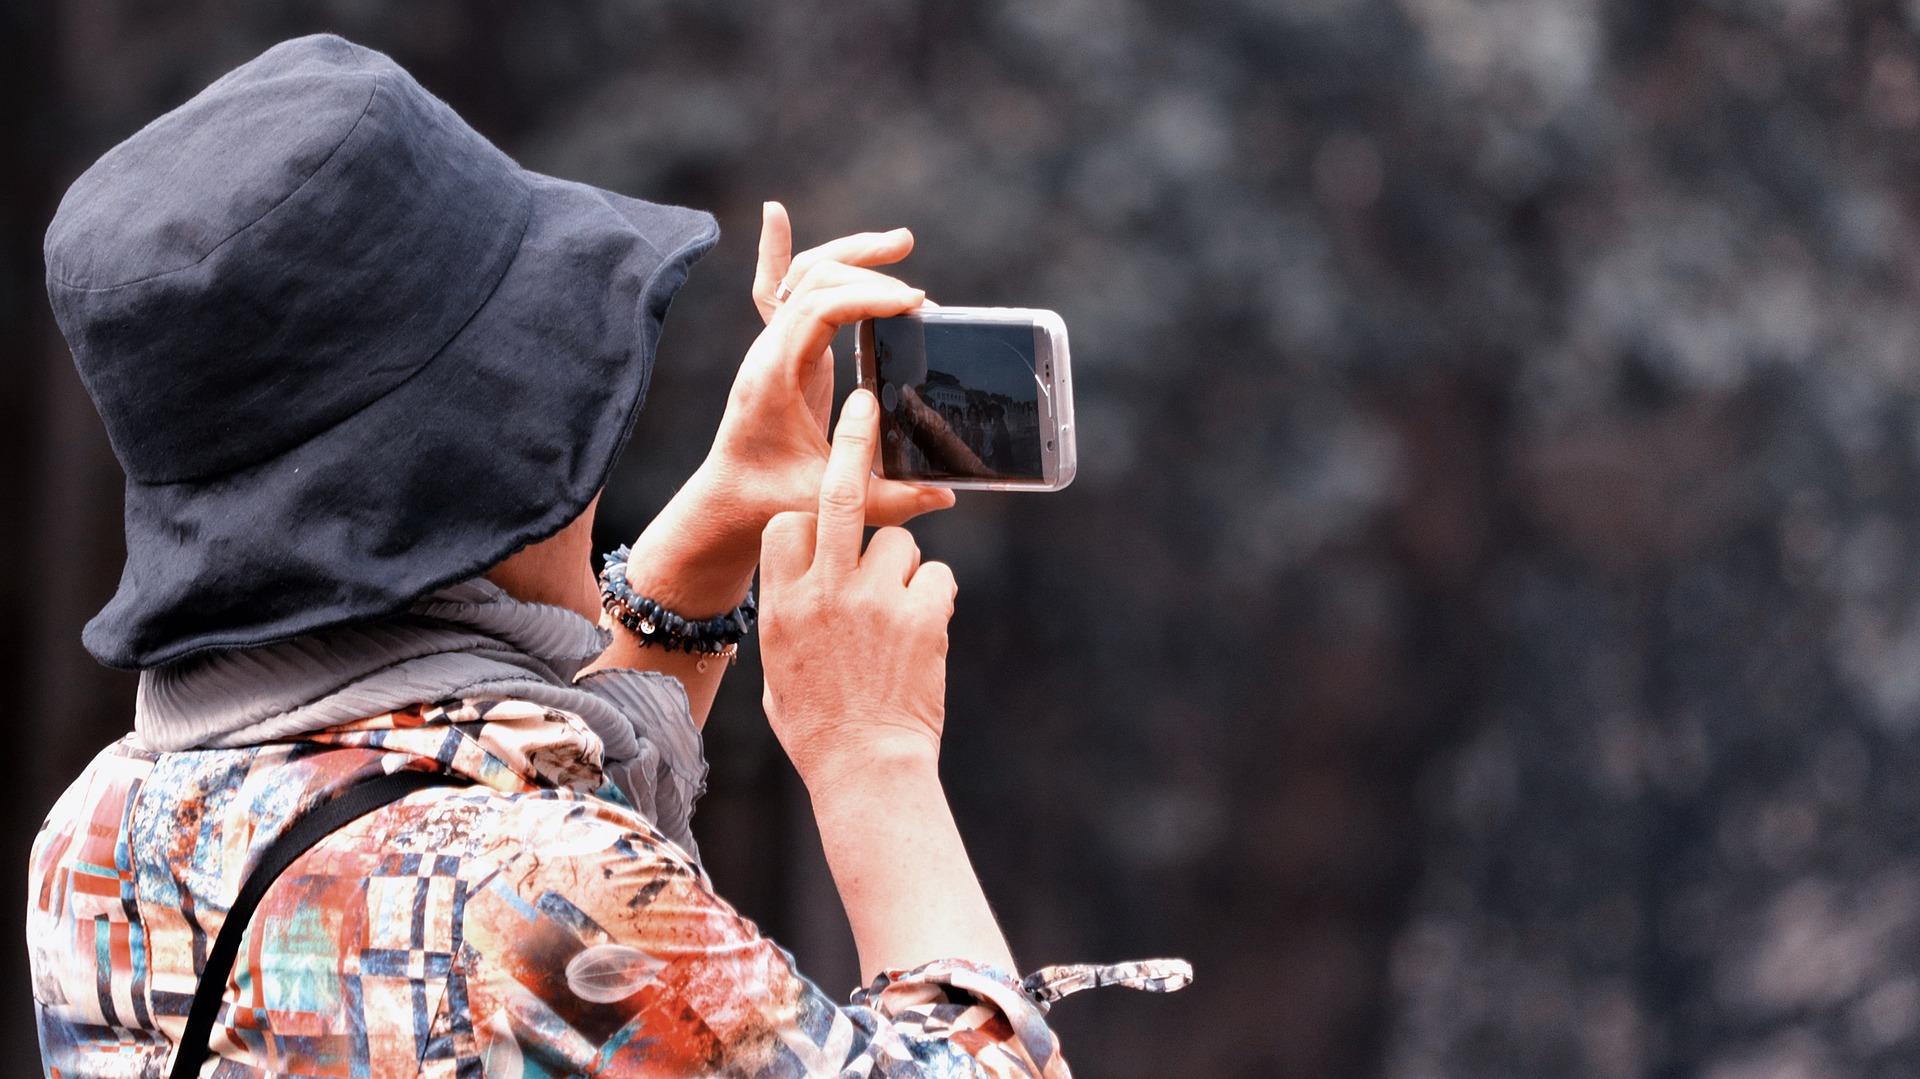 Comment_cacher_les_messages,_les_photos,_les_vidéos_et_les_applications_de_votre_smartphone_Android